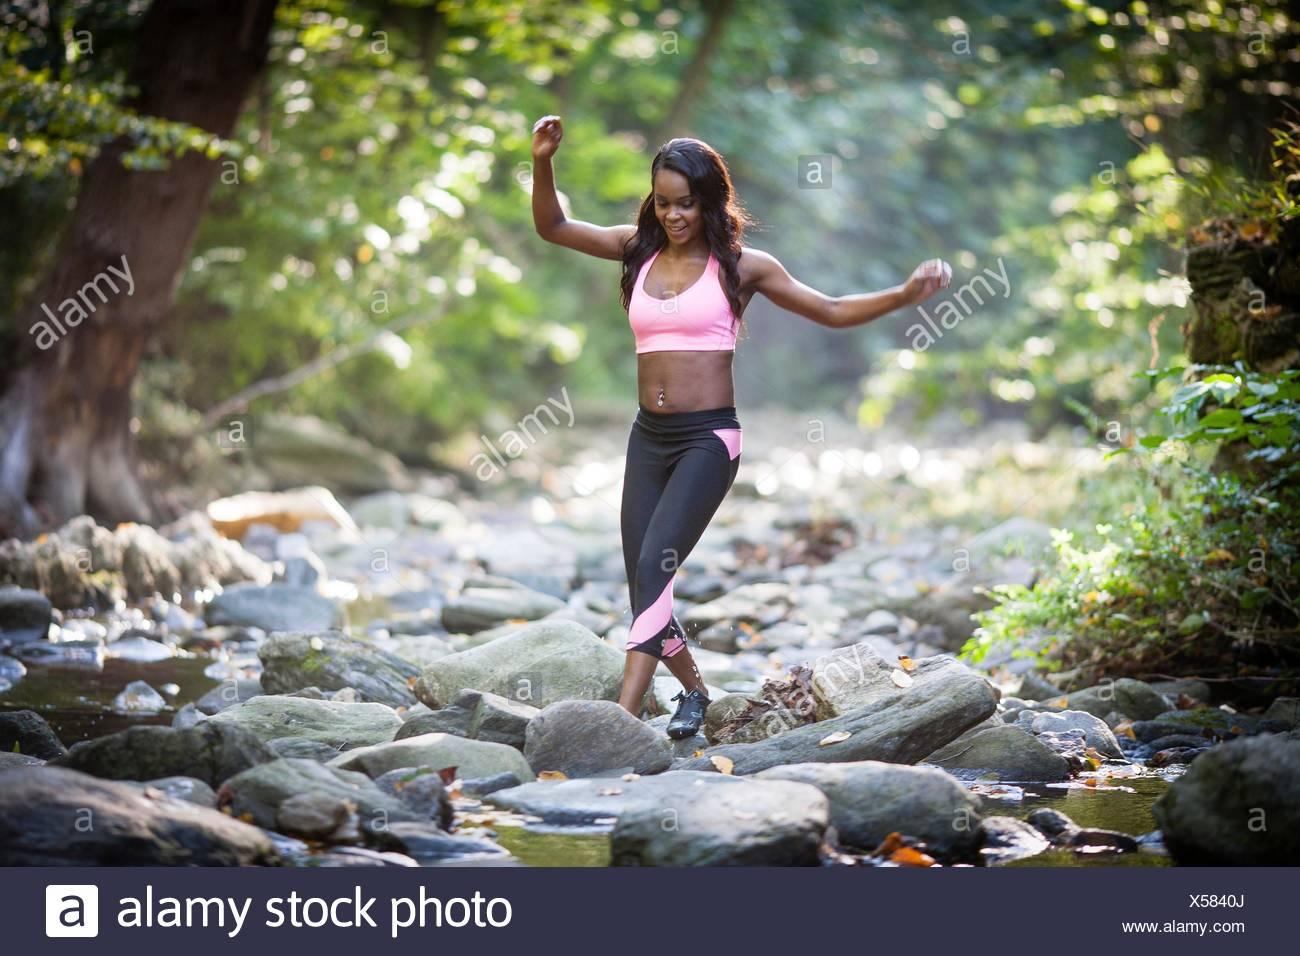 Mujer joven excursionista pisando sobre piedras de río de bosque Imagen De Stock